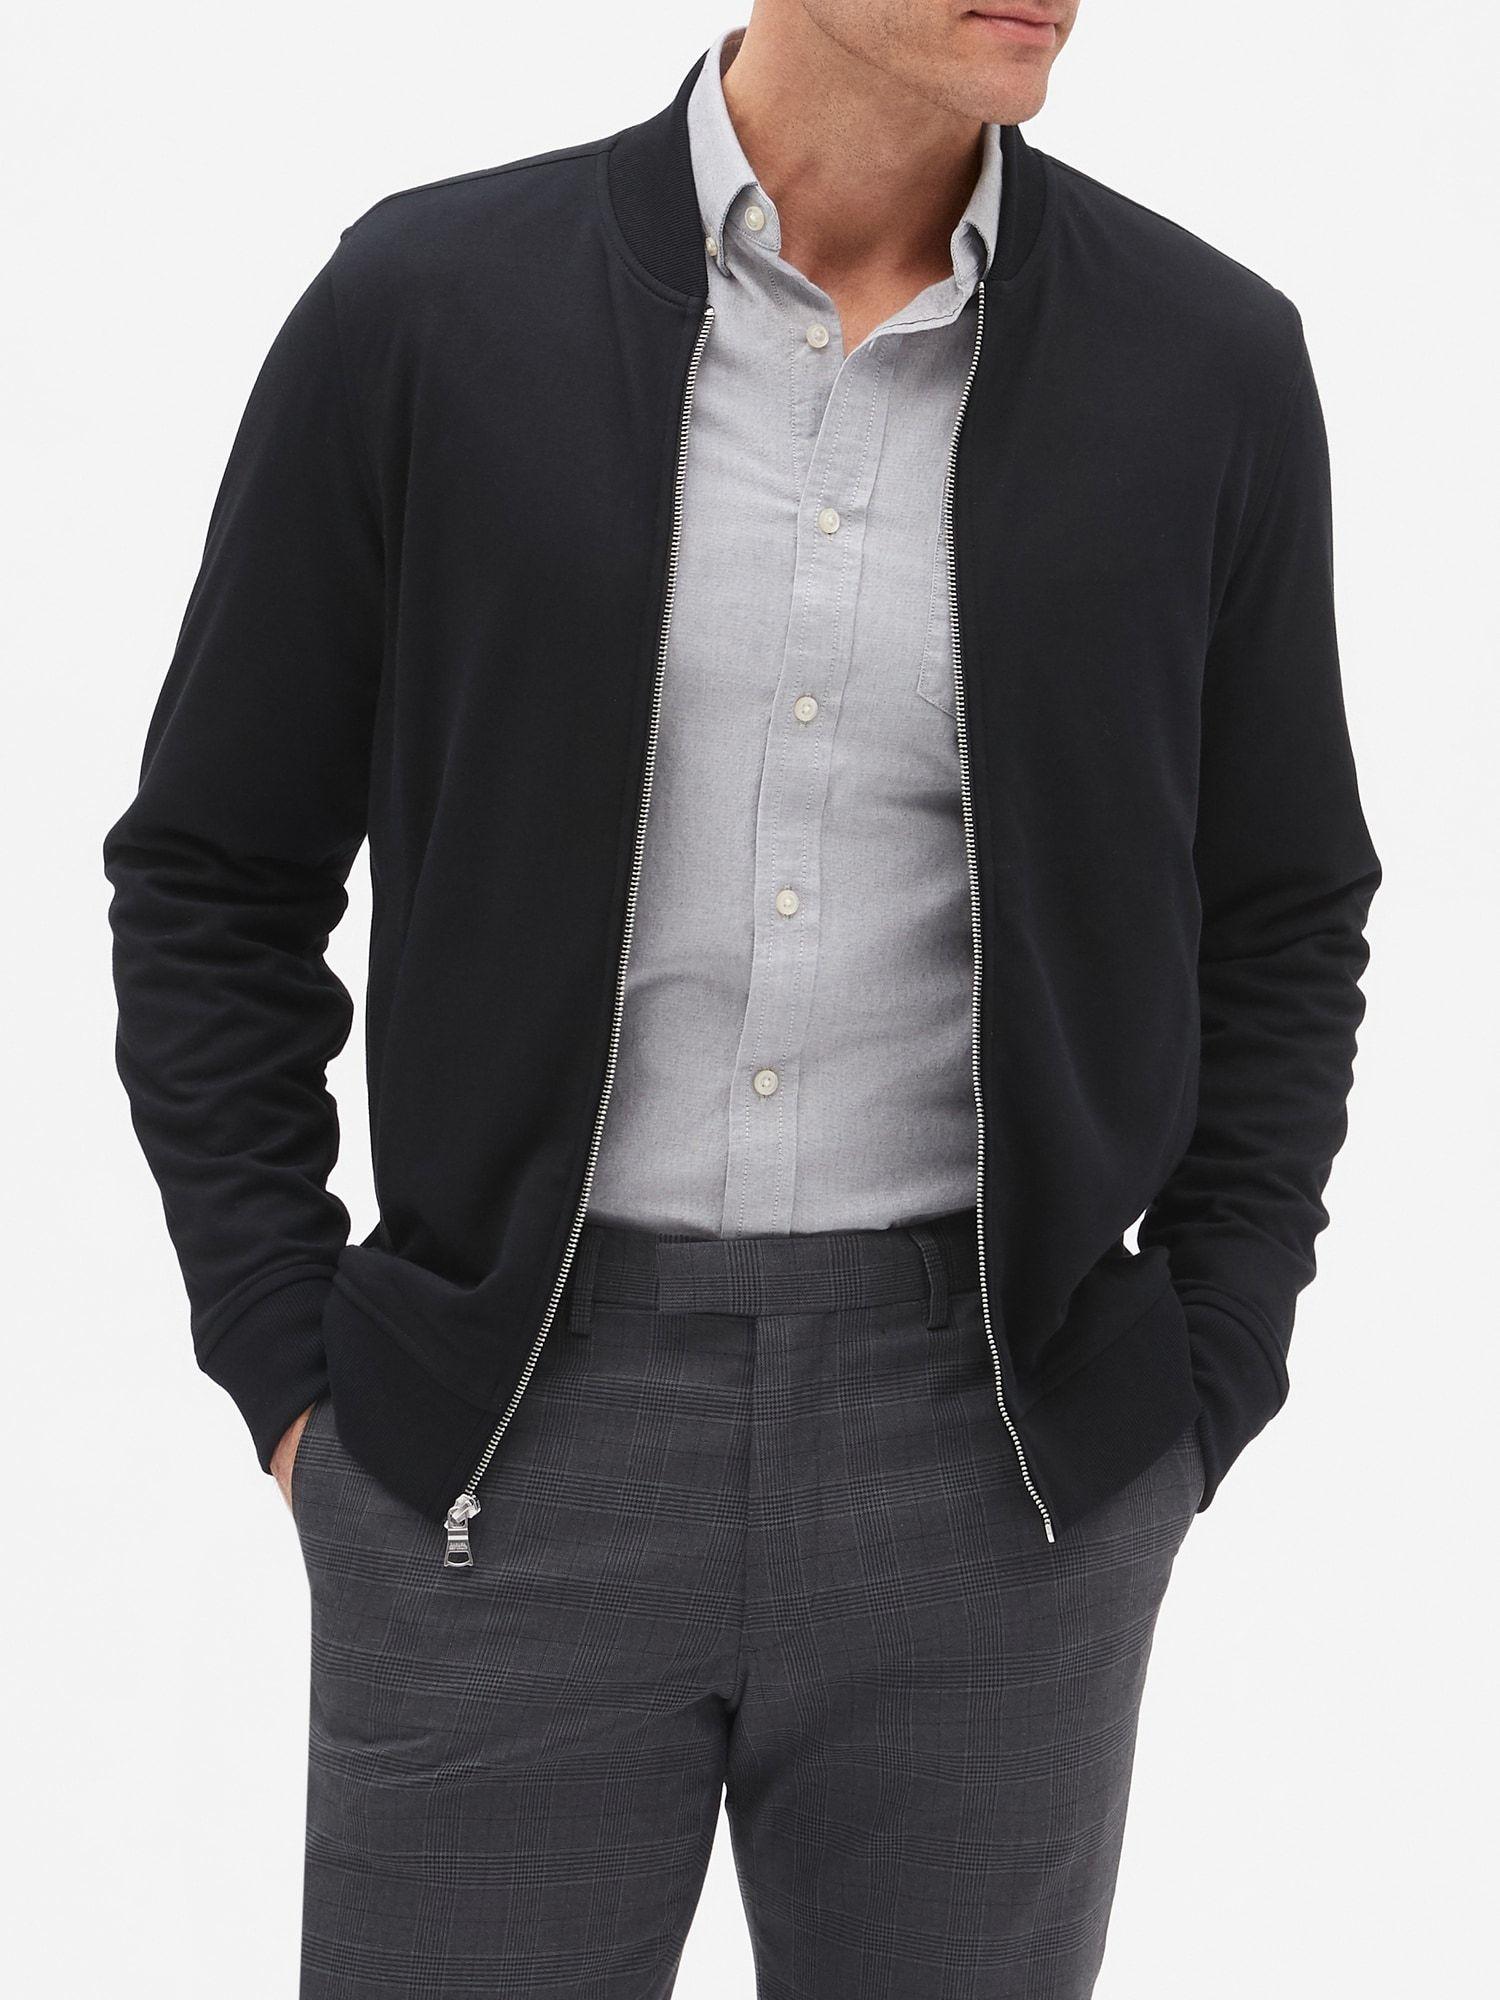 Dress Bomber Jacket Business casual jacket, Bomber